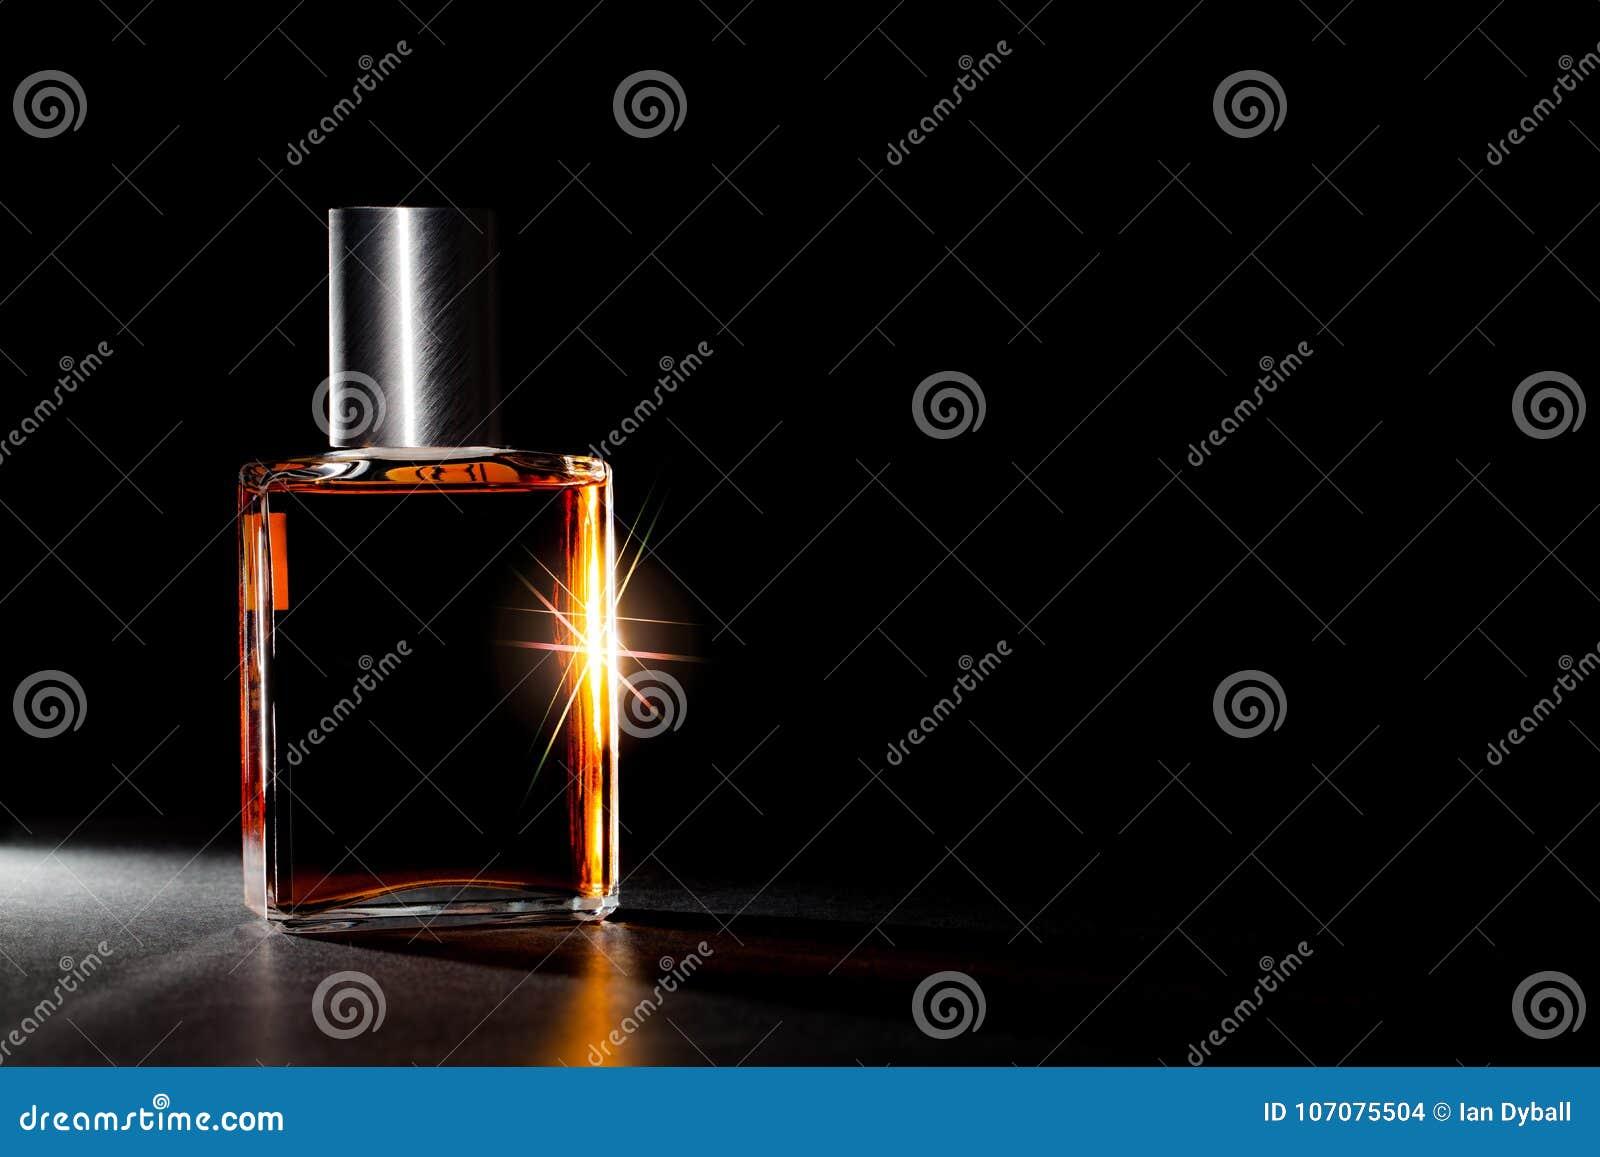 Luxusparfümflasche Teurer Duft im Scheinwerfer